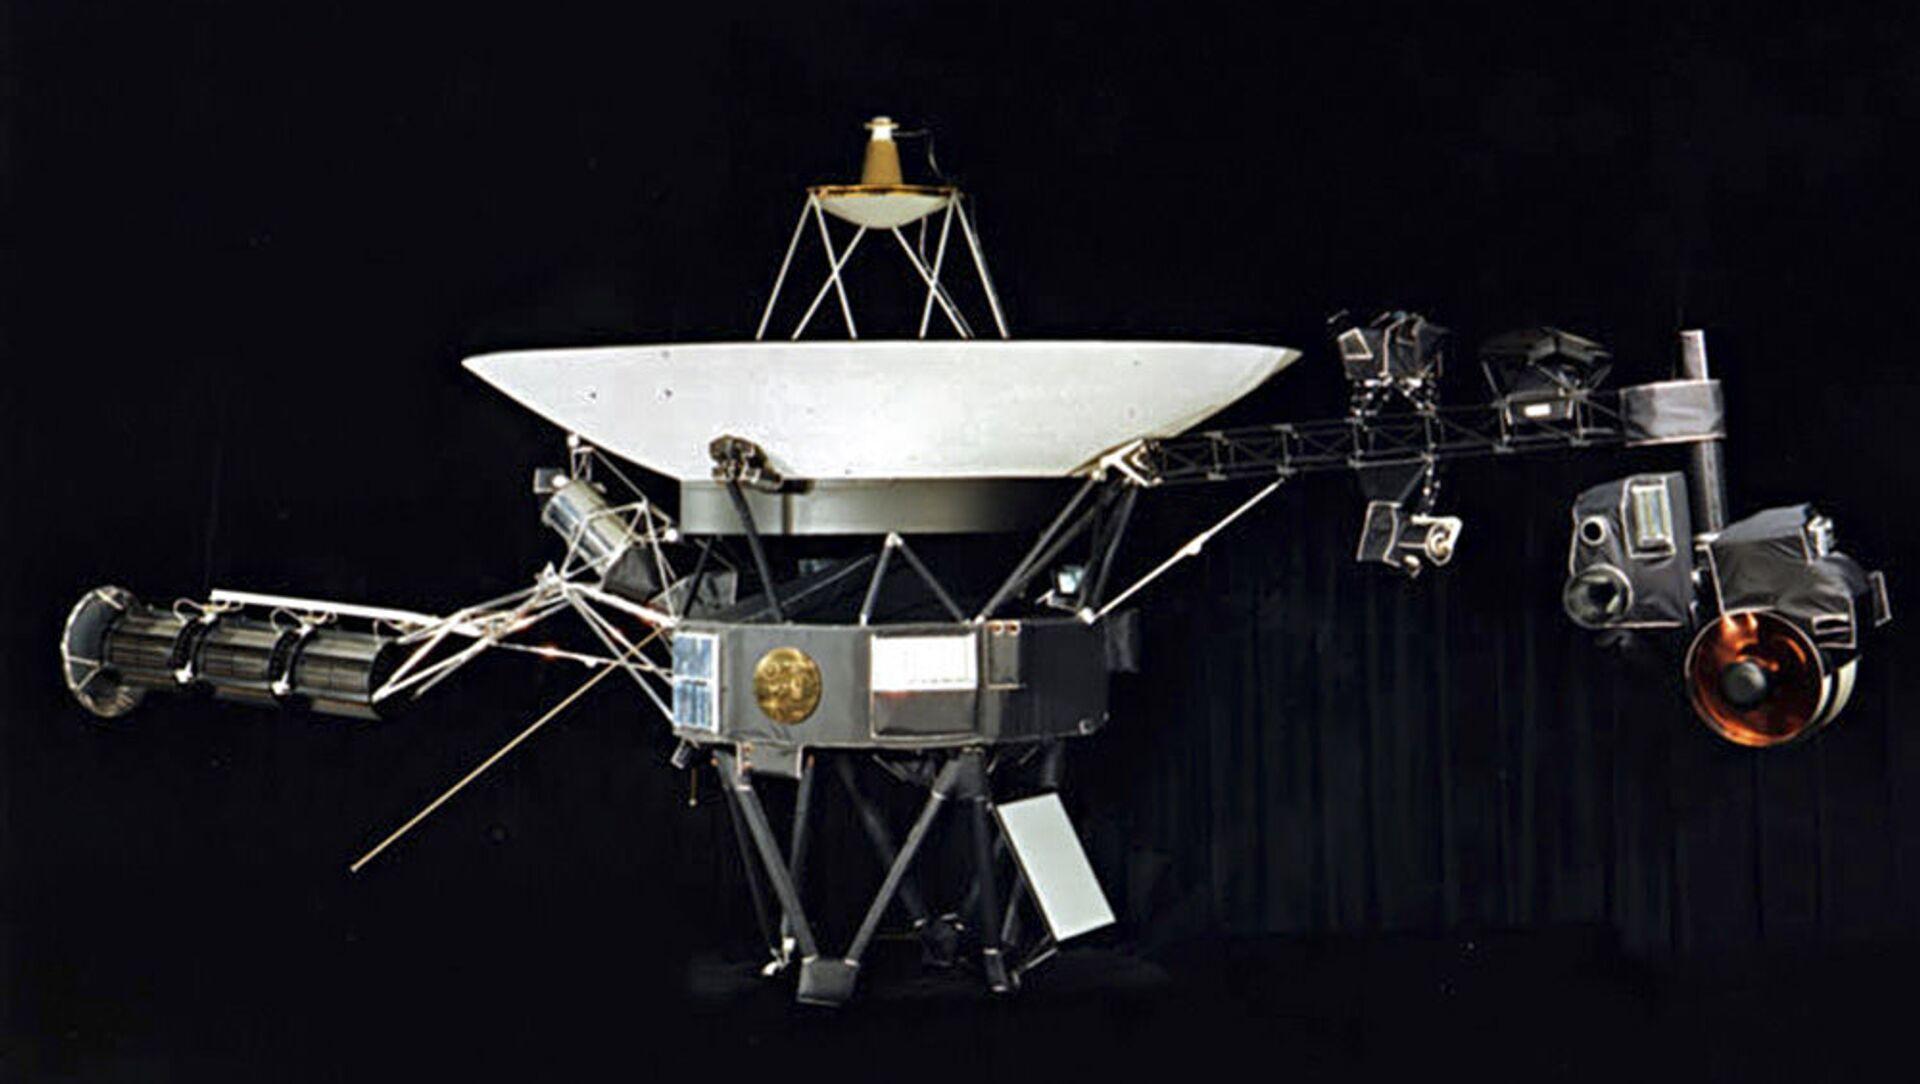 kosmická loď Voyager - Sputnik Česká republika, 1920, 17.04.2021